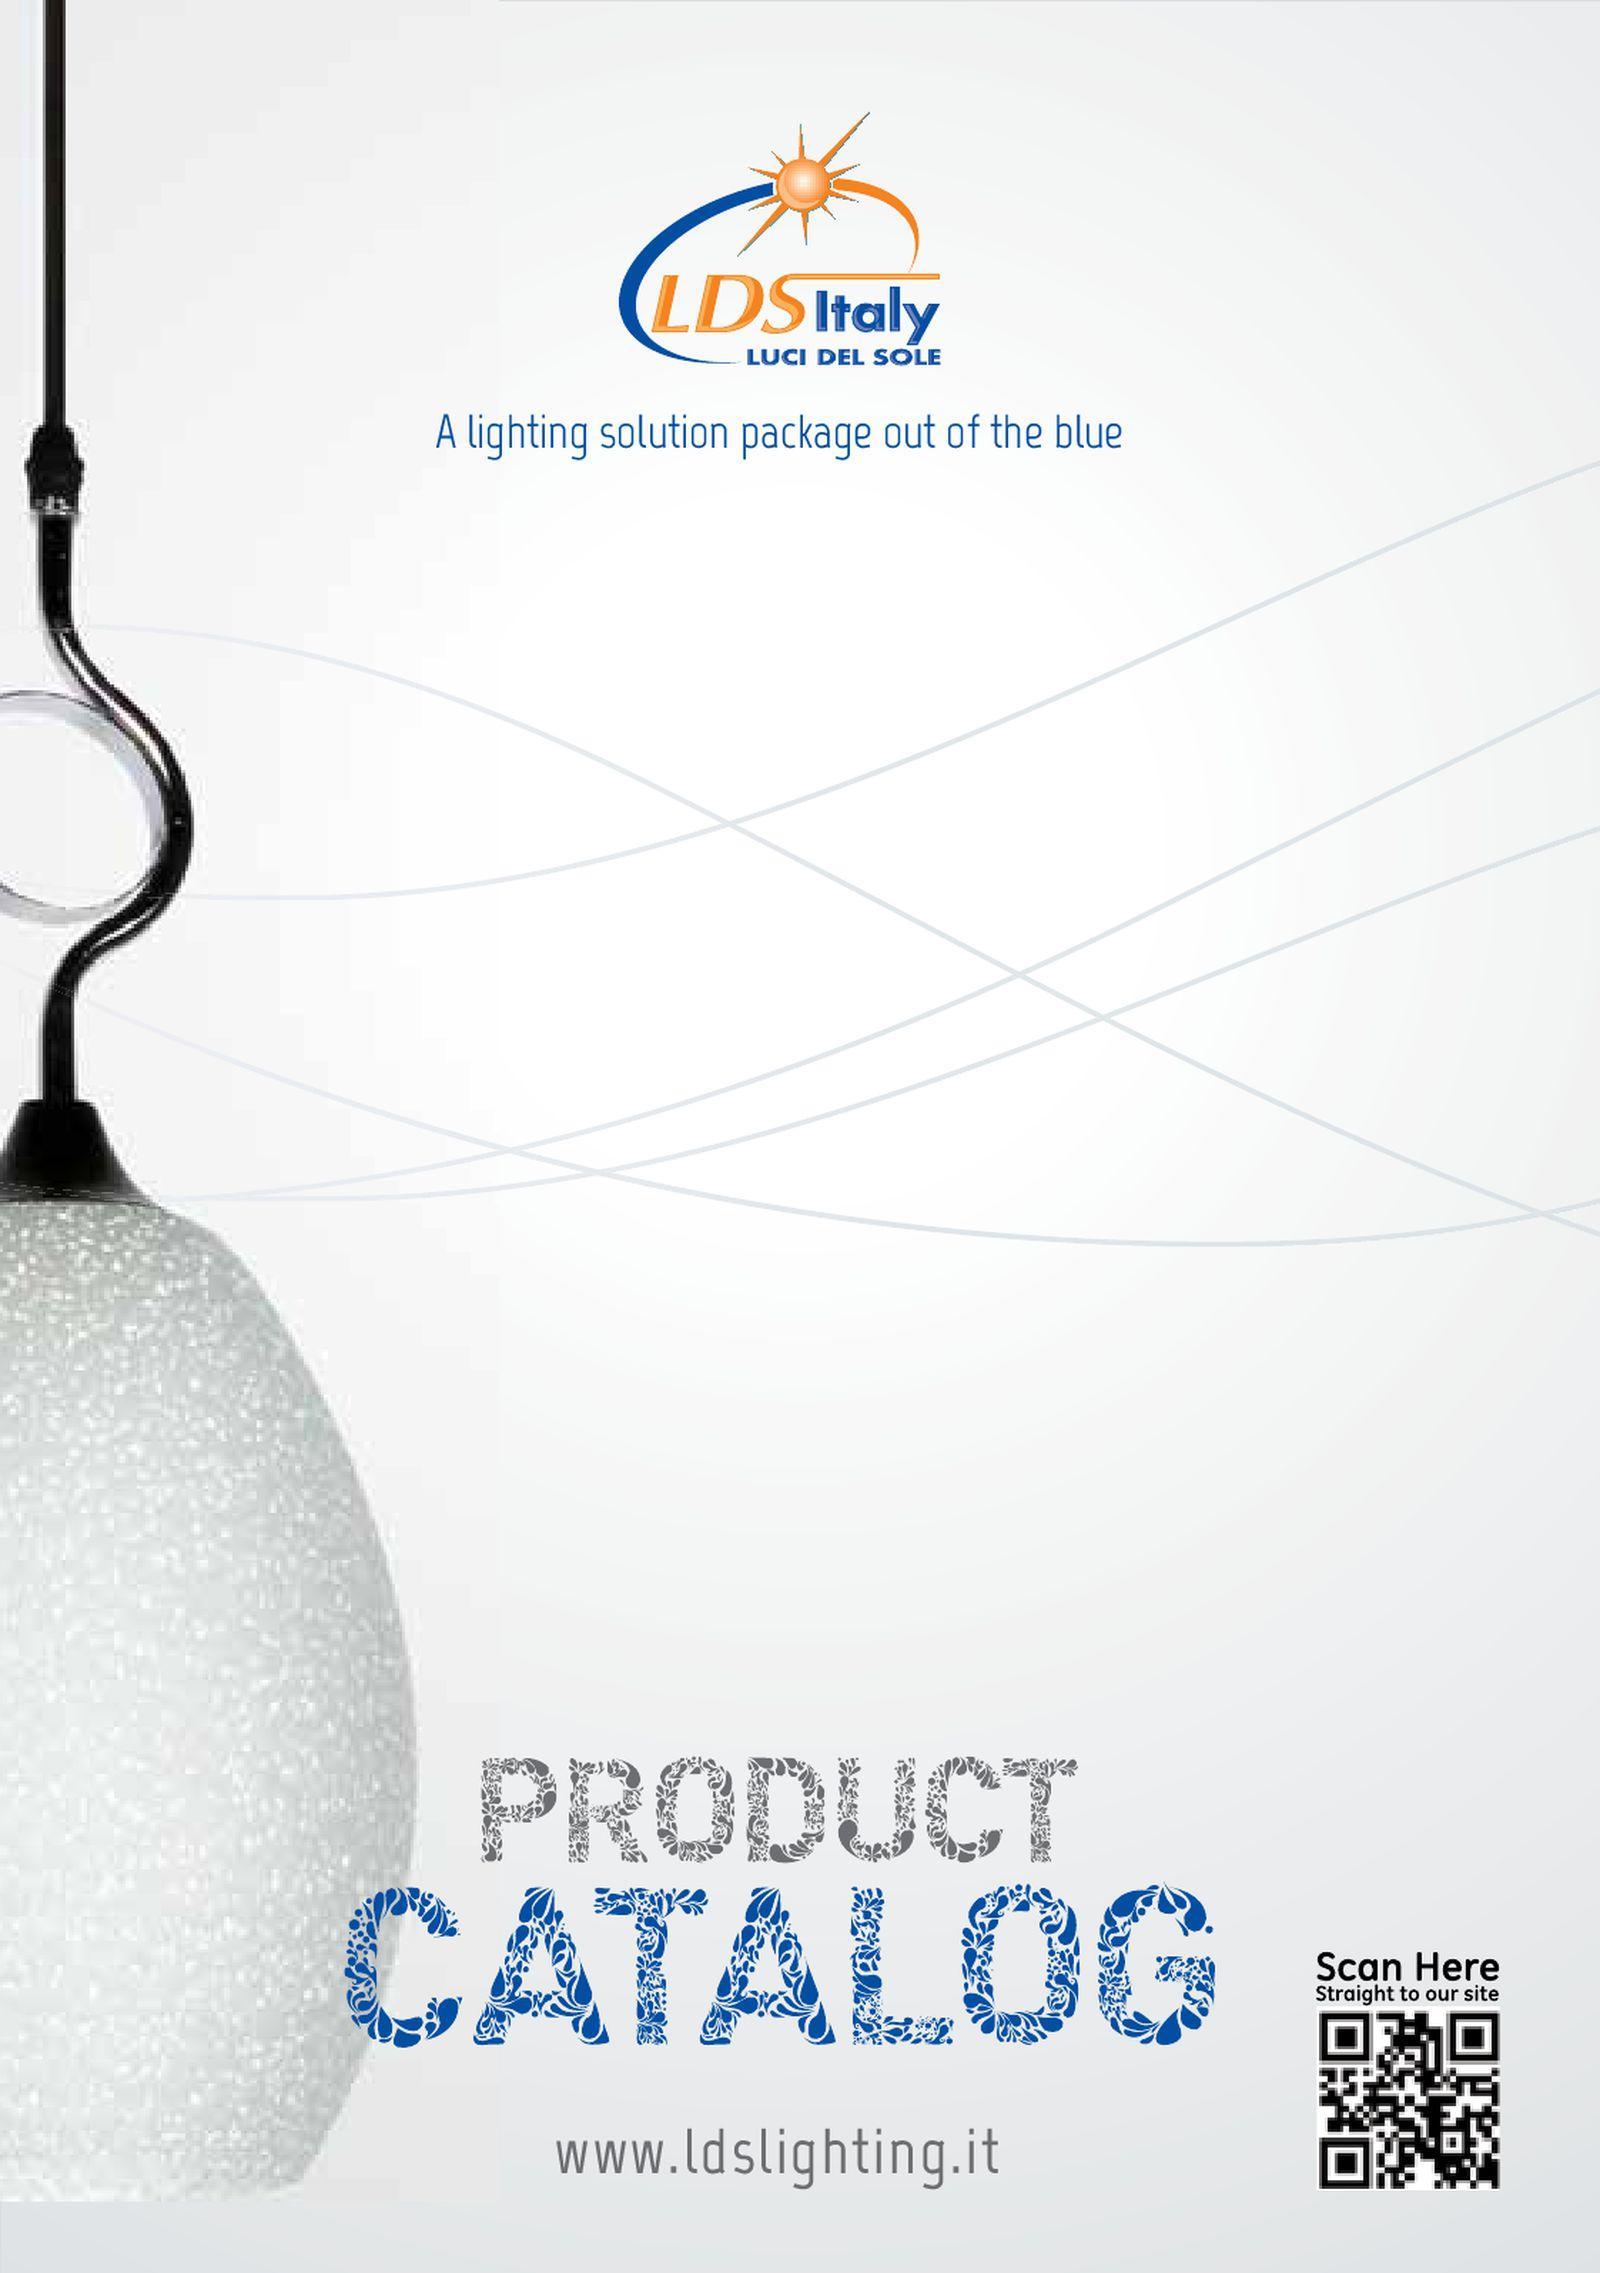 LDS lighting